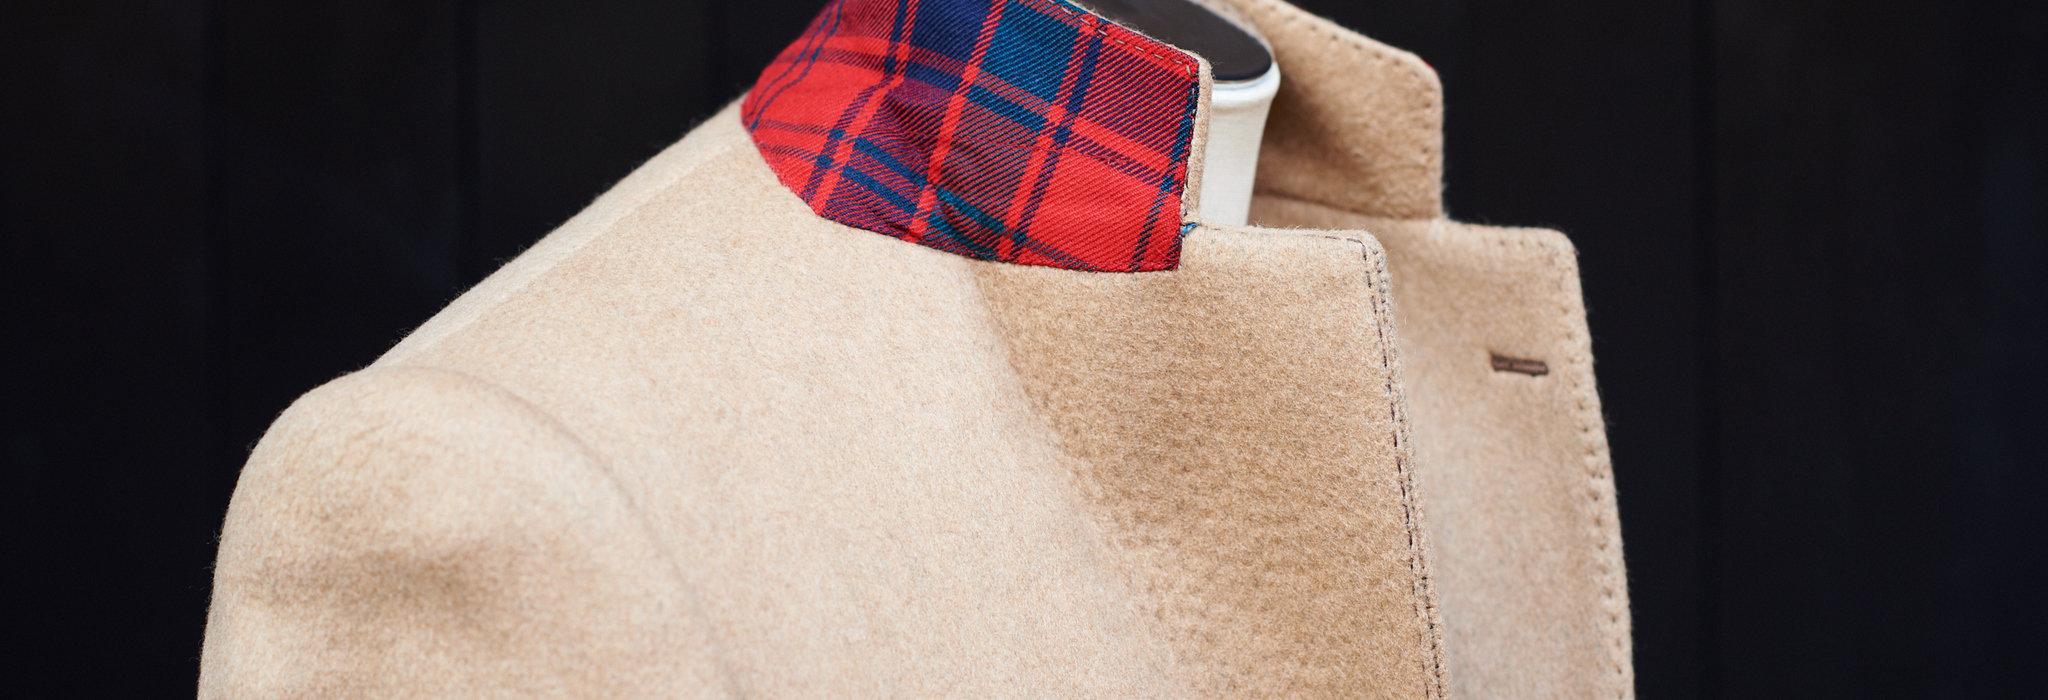 カシミヤの特徴とお手入れ方法。秋冬の服地・獣毛素材を知る_image